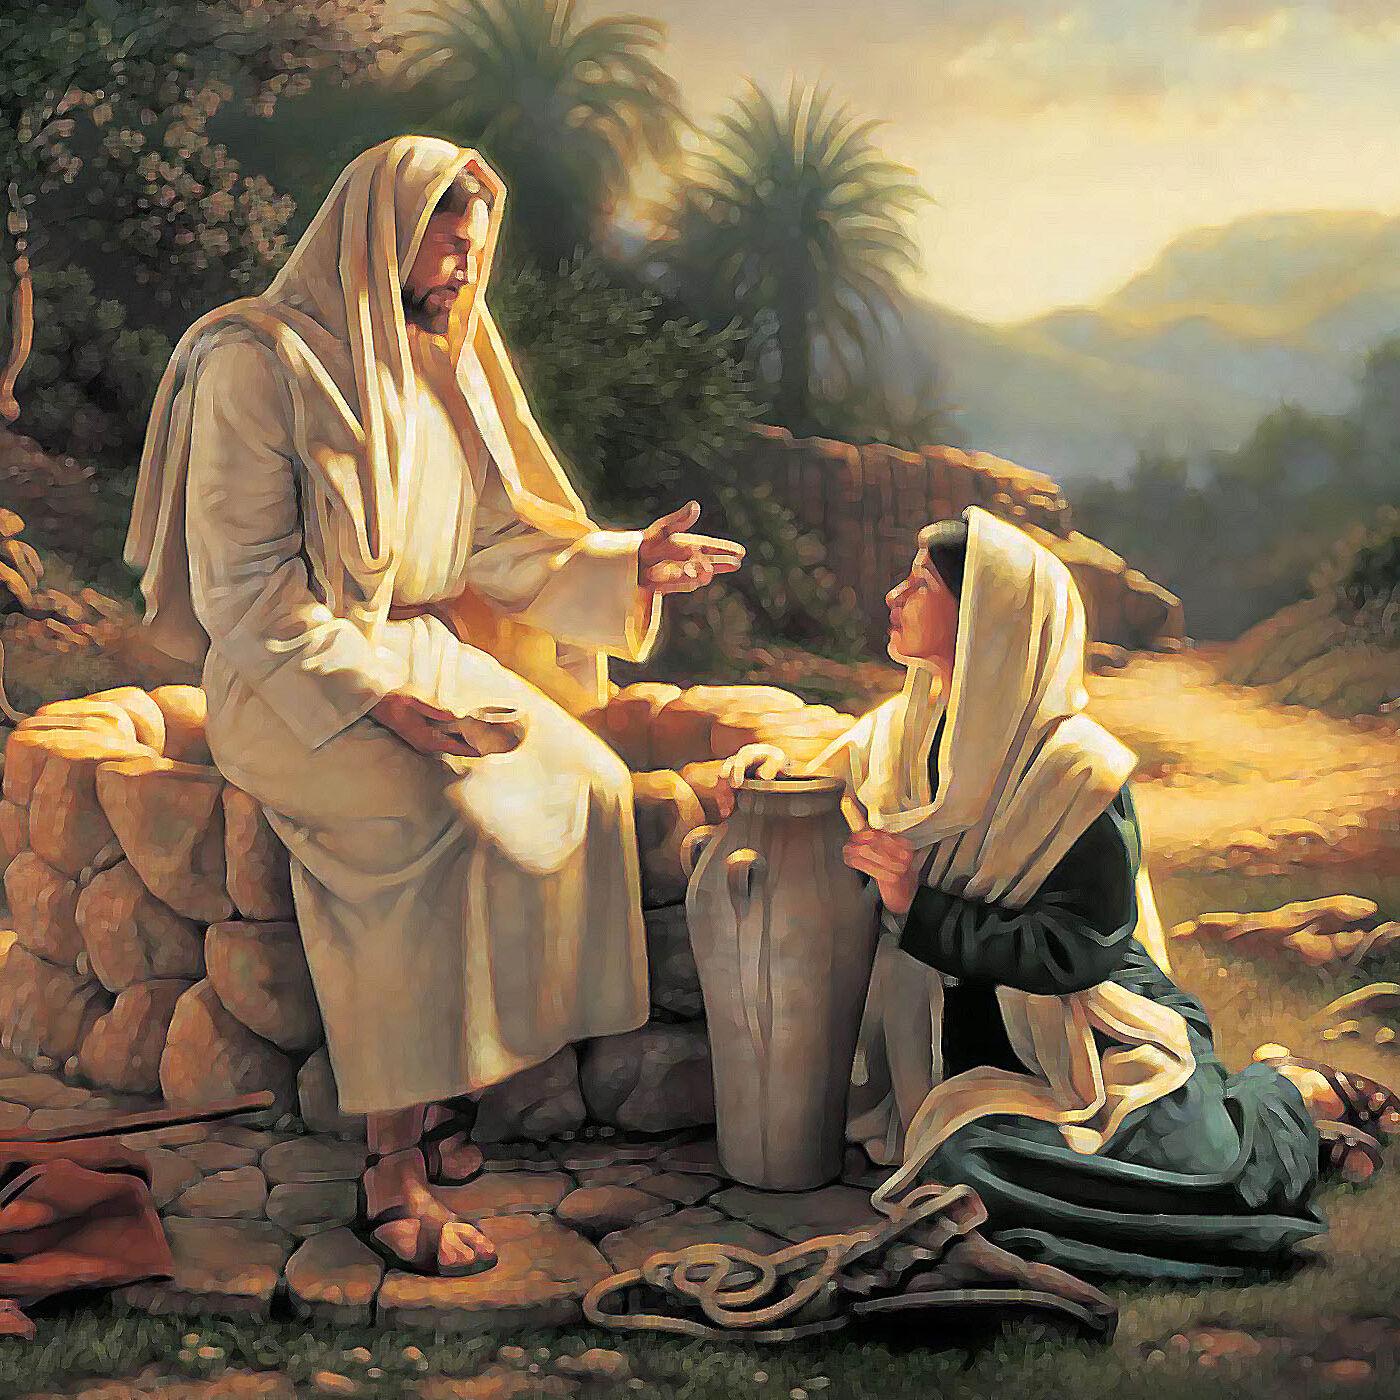 riflessioni sul Vangelo di Mercoledì 11 Novembre 2020 (Lc 17, 11-19) - Apostola Briana